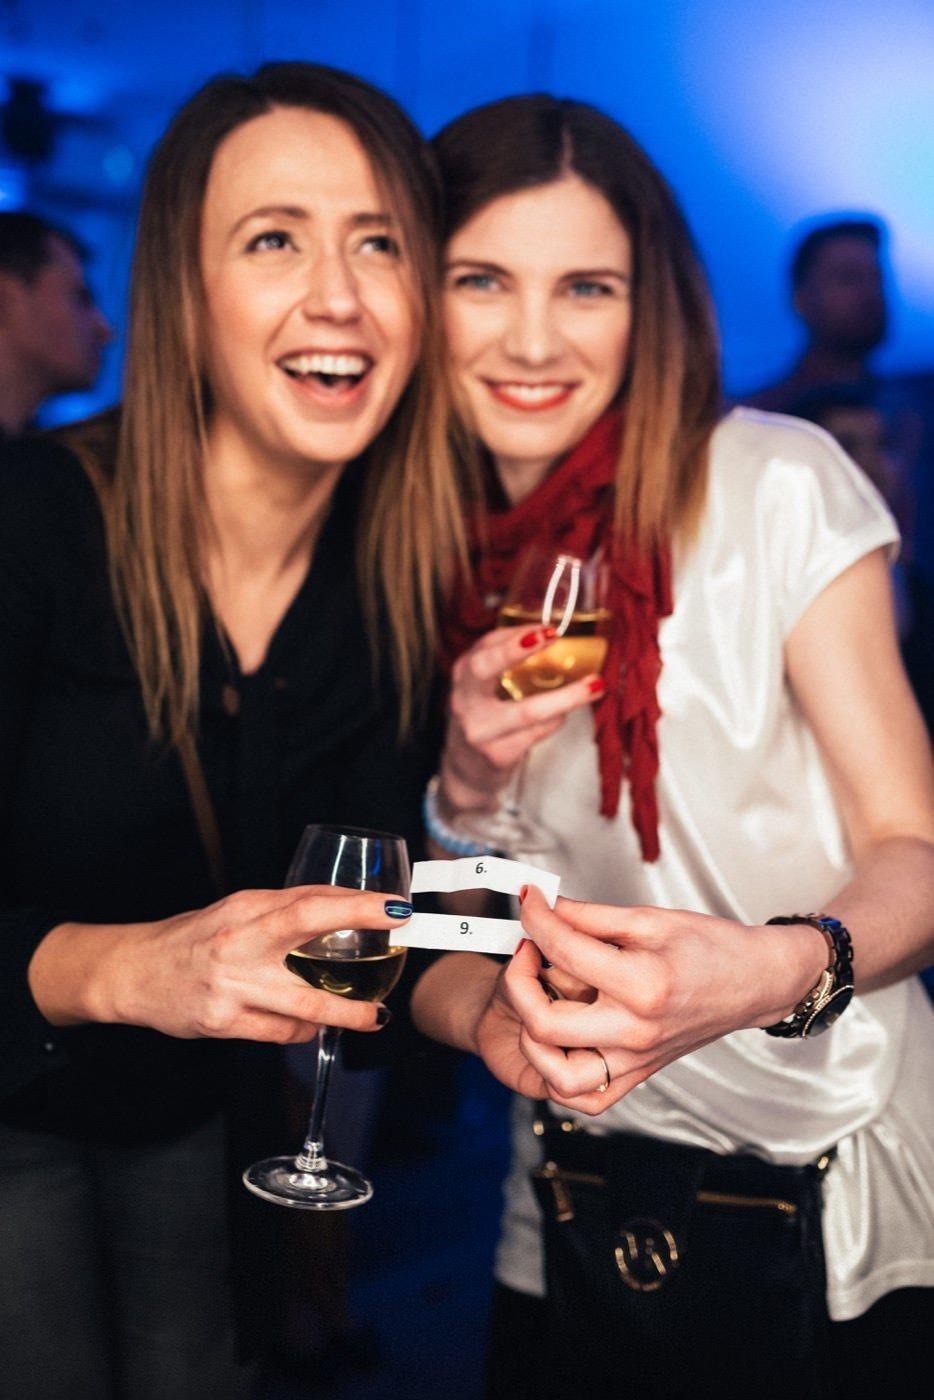 Dziewczyny trzymają kieliszki z winem i kartki z cyframi 6 9